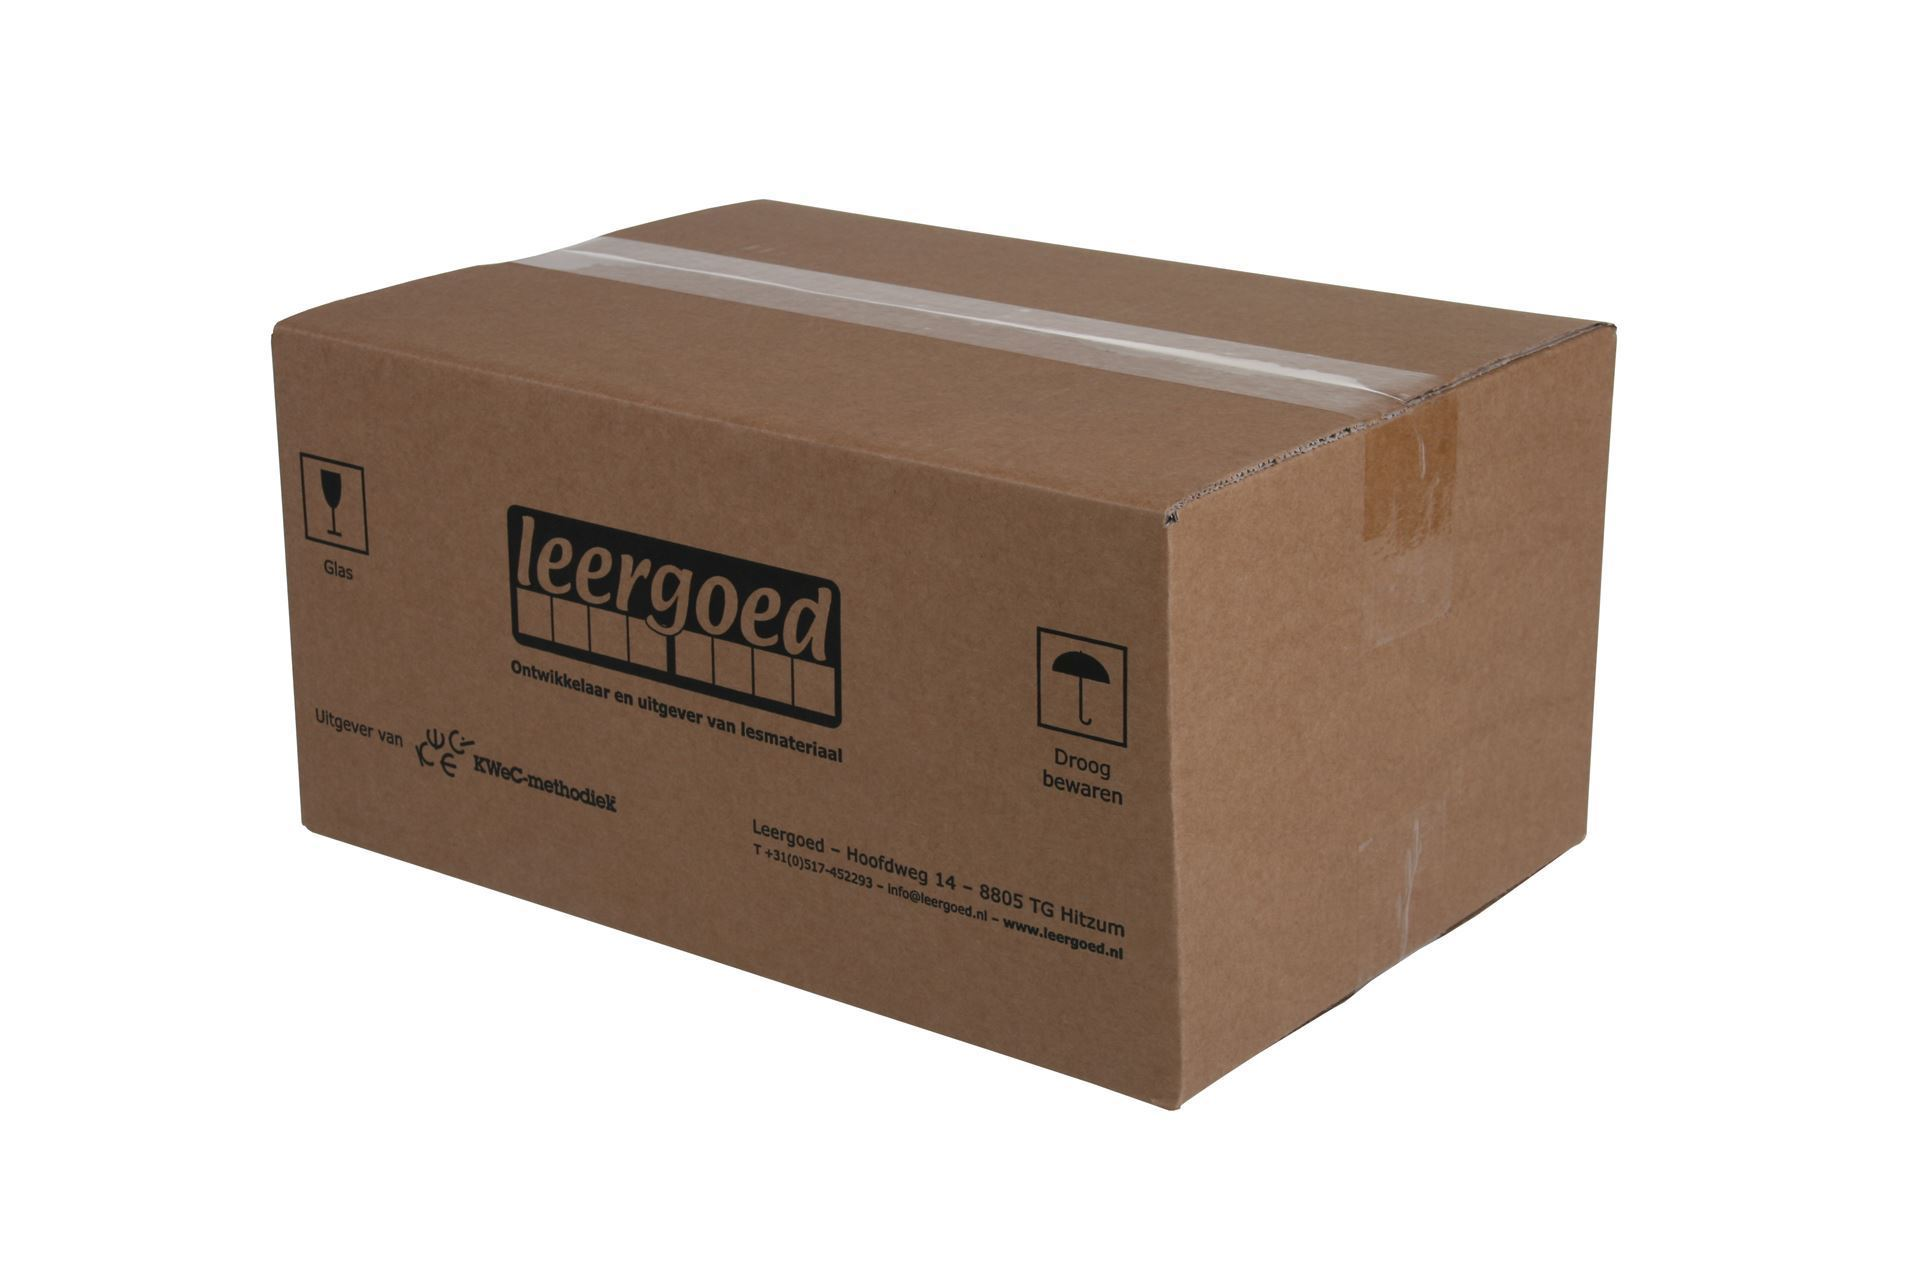 cbb9c314e3a Kartonnen dozen met bedrukking - Pellikaan Verpakkingen